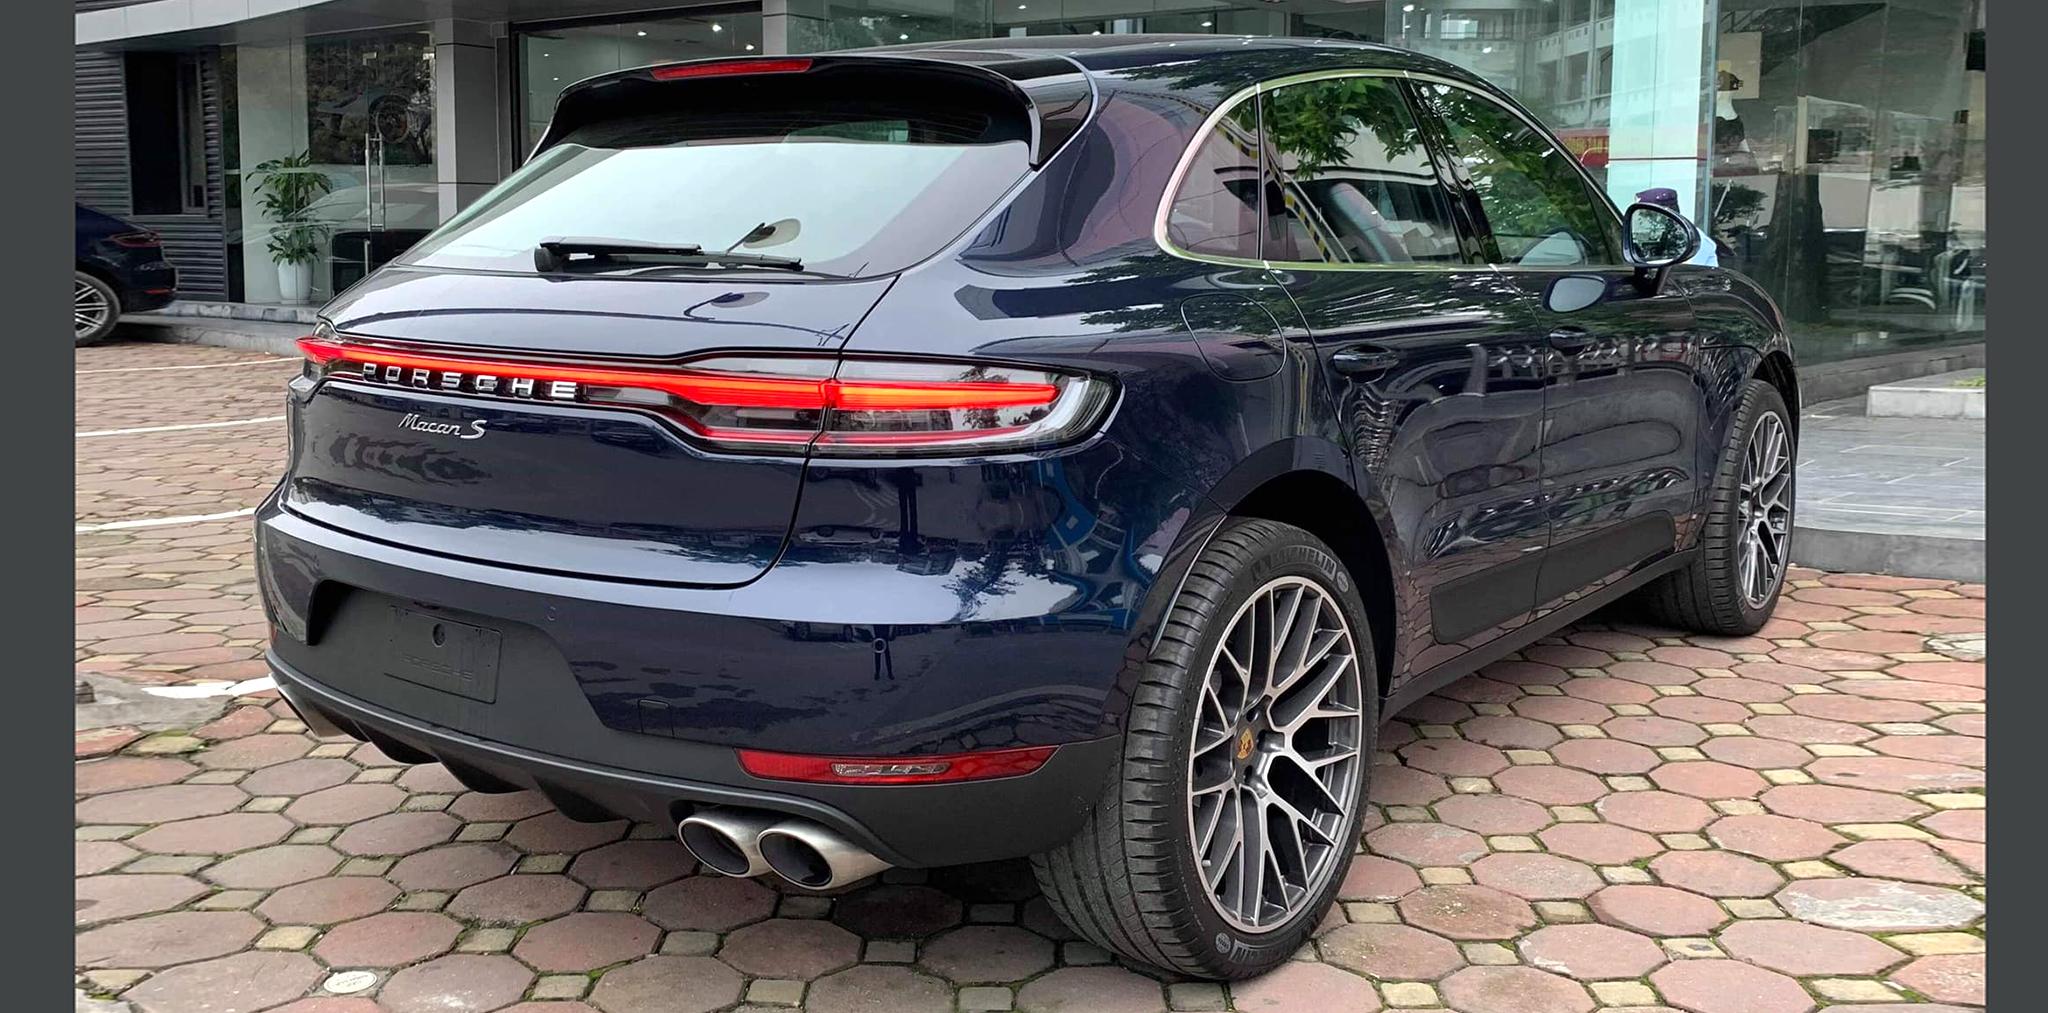 Porsche Macan 2019 về Việt Nam, giá từ 3,06 tỷ đồng